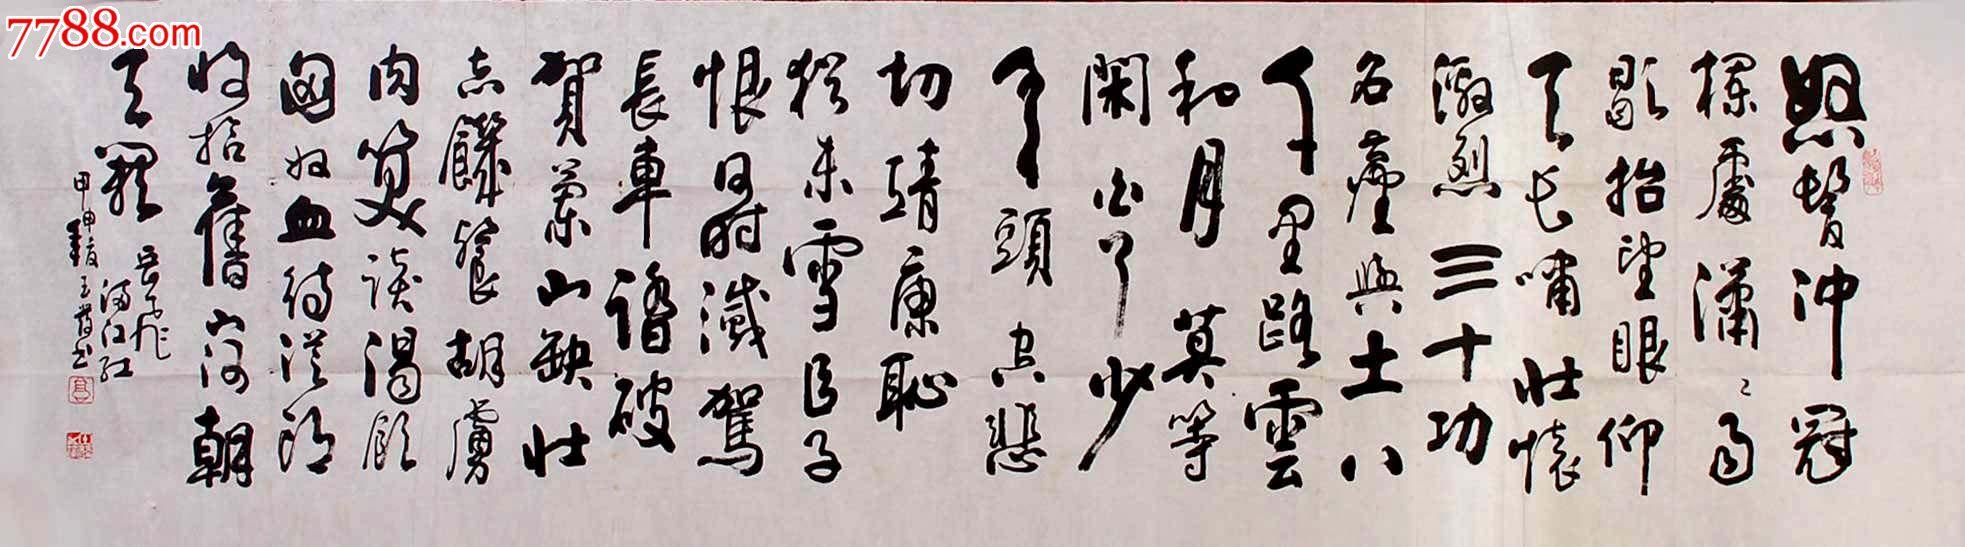 墨斋 八旬著名书法家高玉发六尺对开 岳飞满江红46